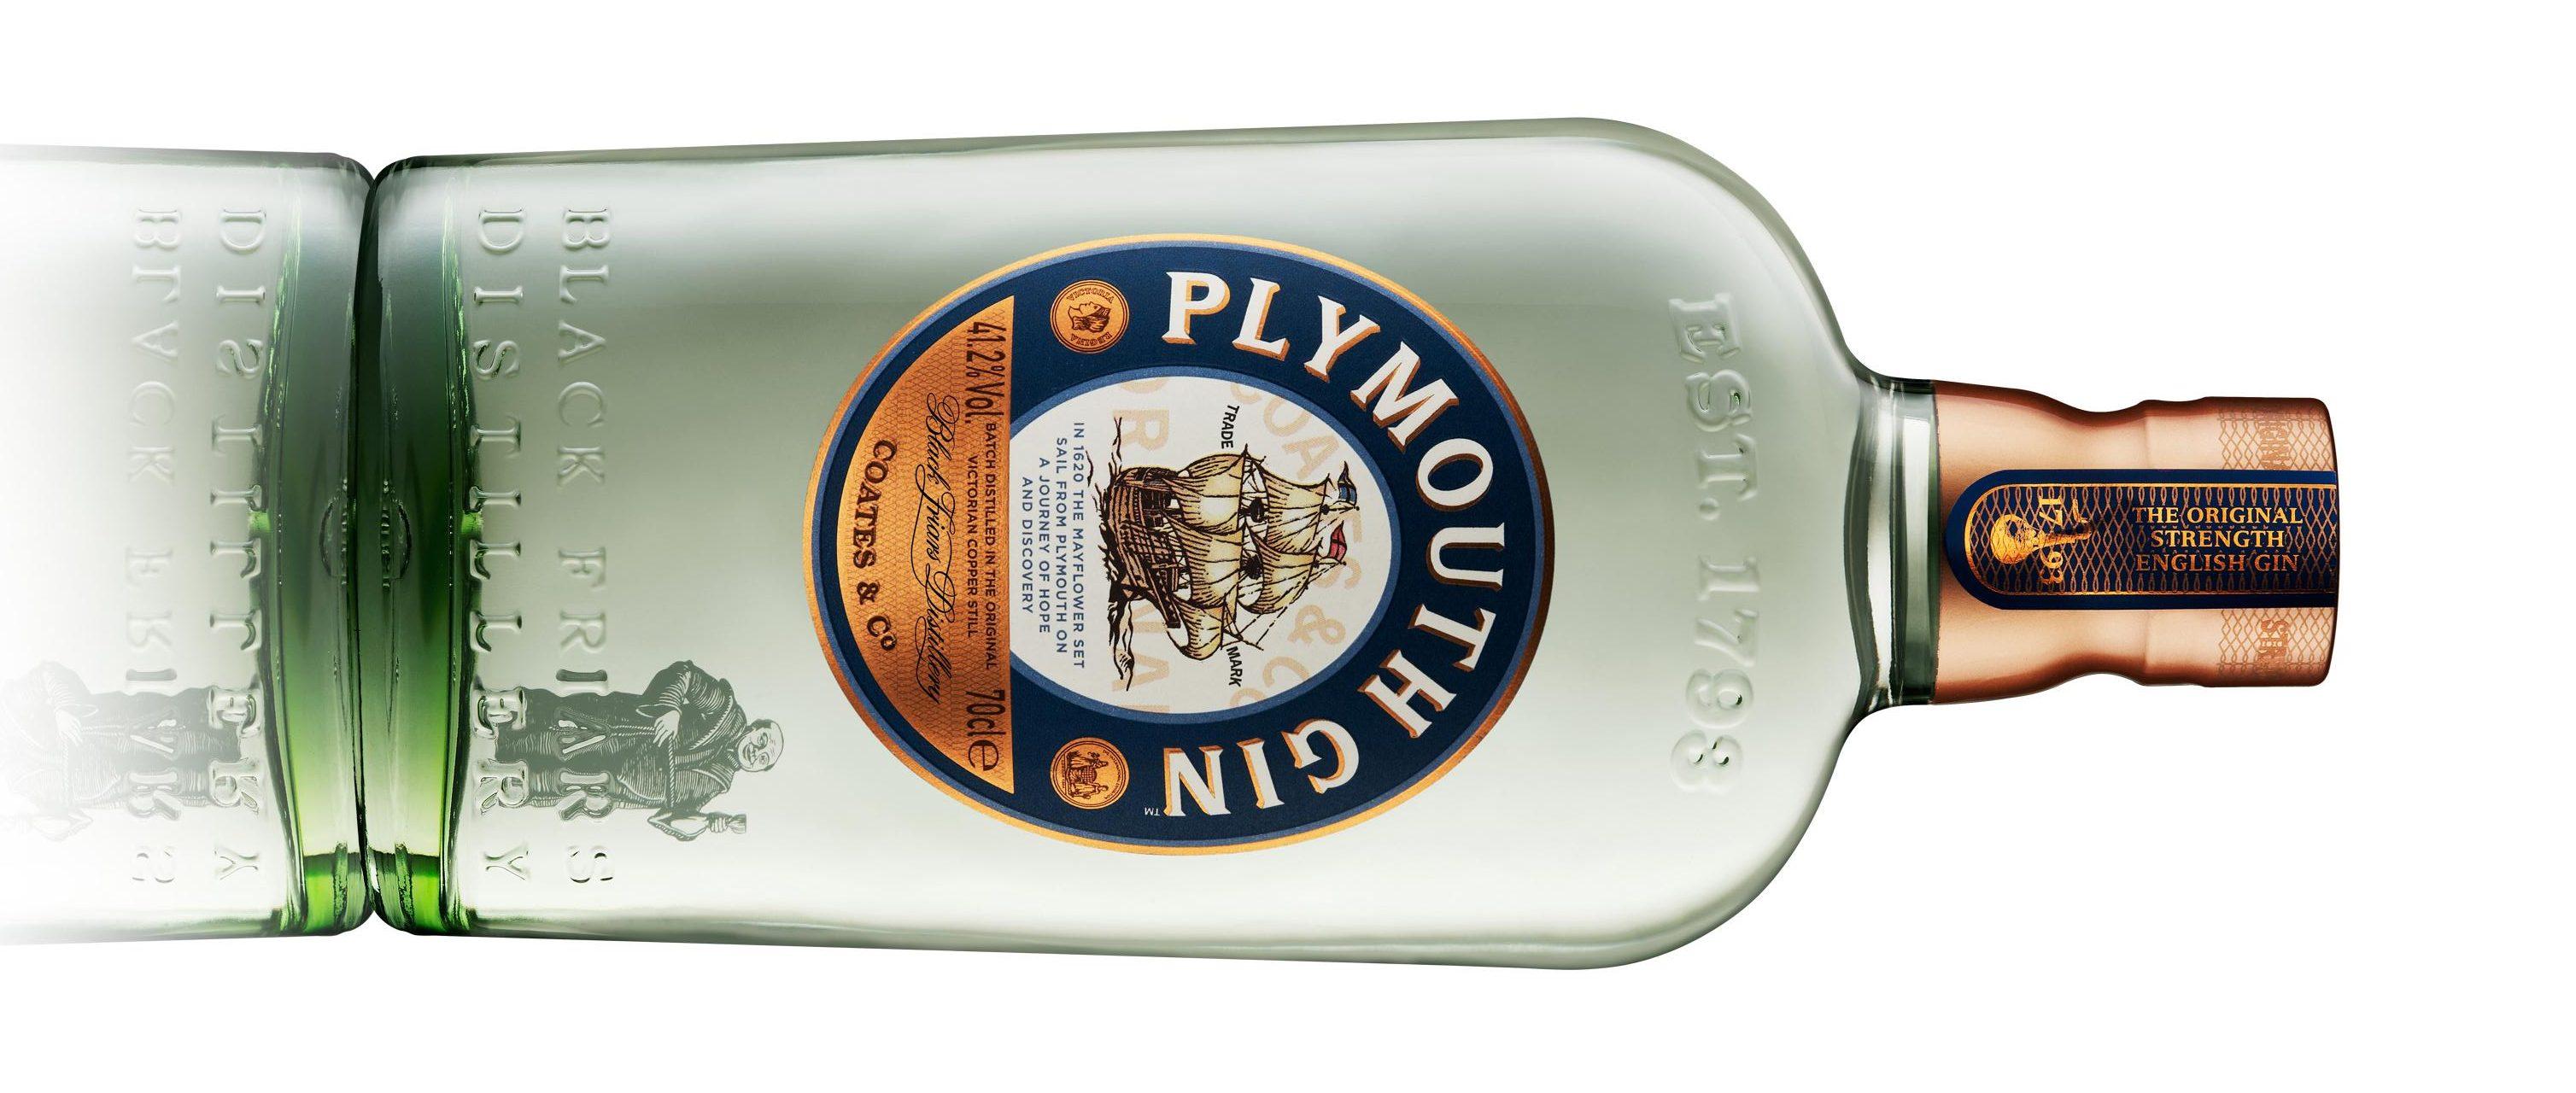 Plymouth Gin botella